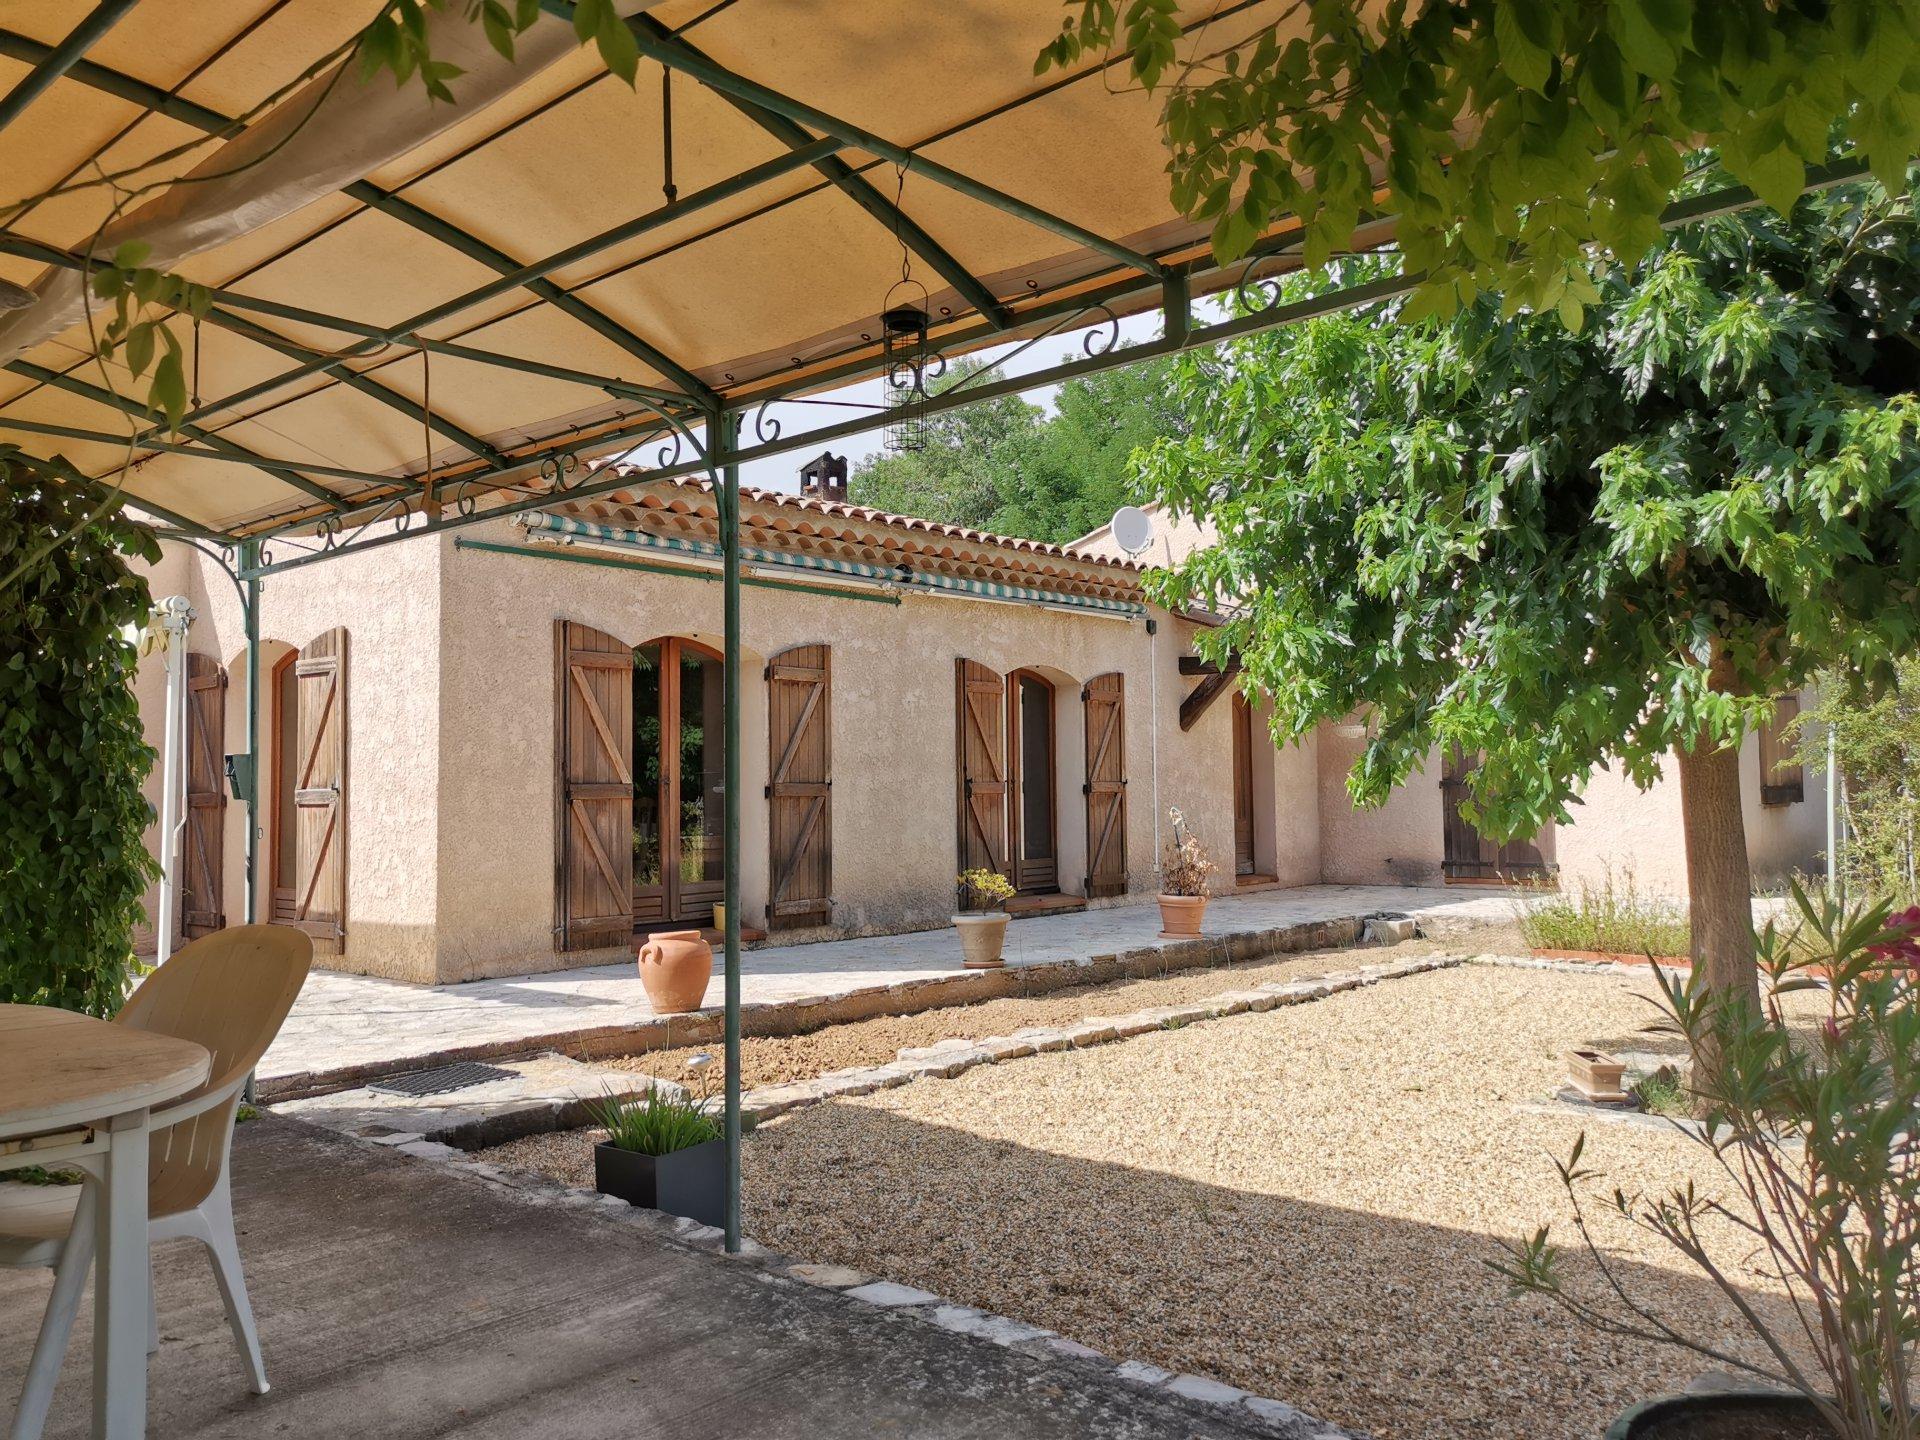 ENTRECASTEAUX, MAISON de 144 m² SUR 8277 M²  DE TERRAIN PLAT AU BORD DE RIVIERE